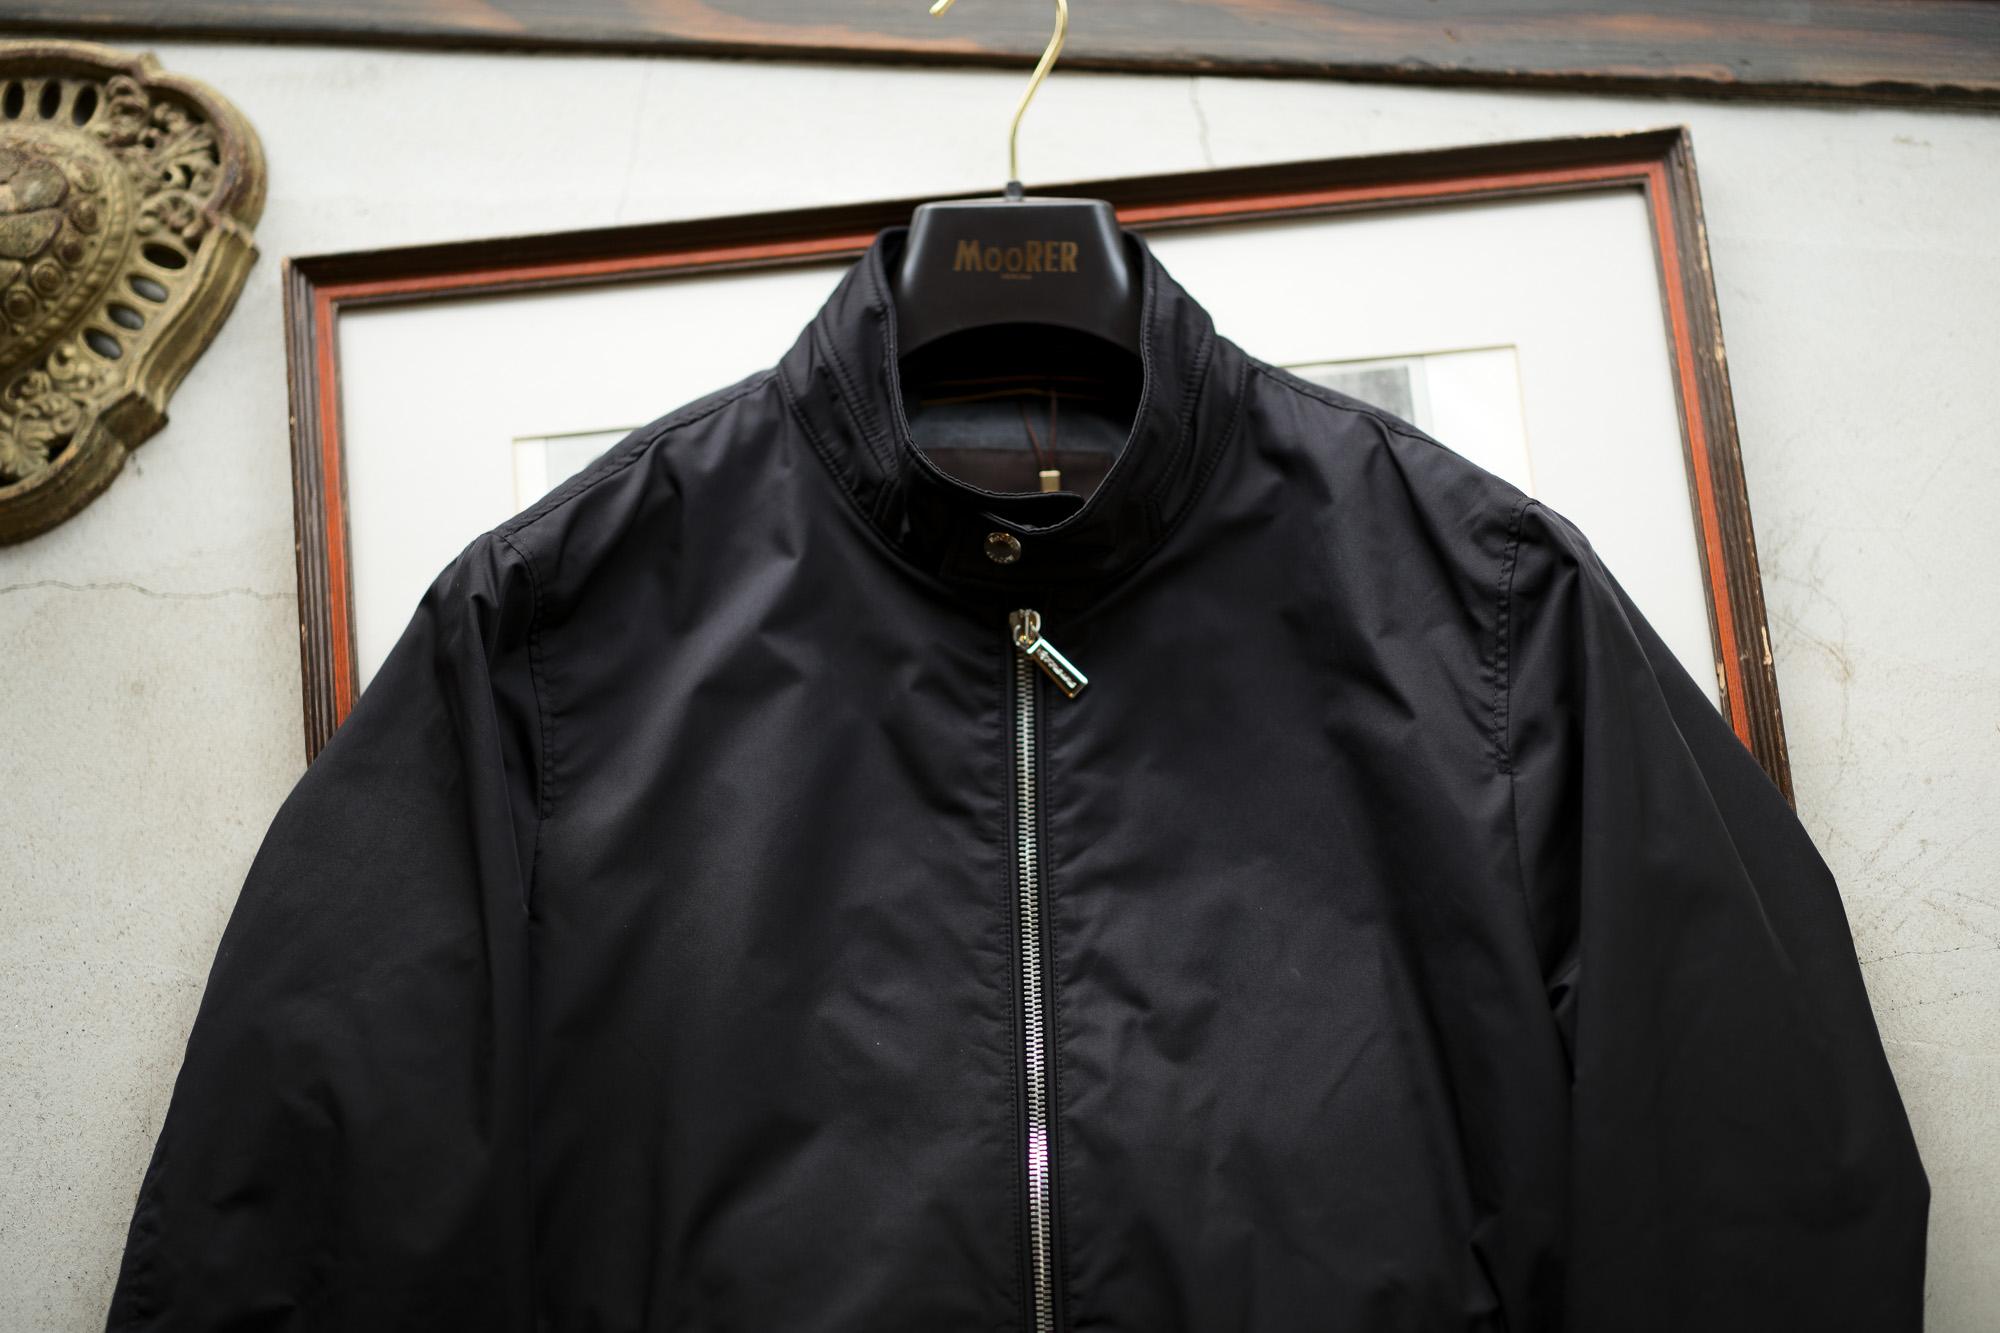 MOORER(ムーレー) VANGI-KM1(バンジー KM1) ナイロン シングル ライダースジャケット NERO(ブラック・08) Made in italy (イタリア製)  2020春夏新作 【入荷しました】【フリー分発売開始】 愛知 名古屋 altoediritto アルトエデリット